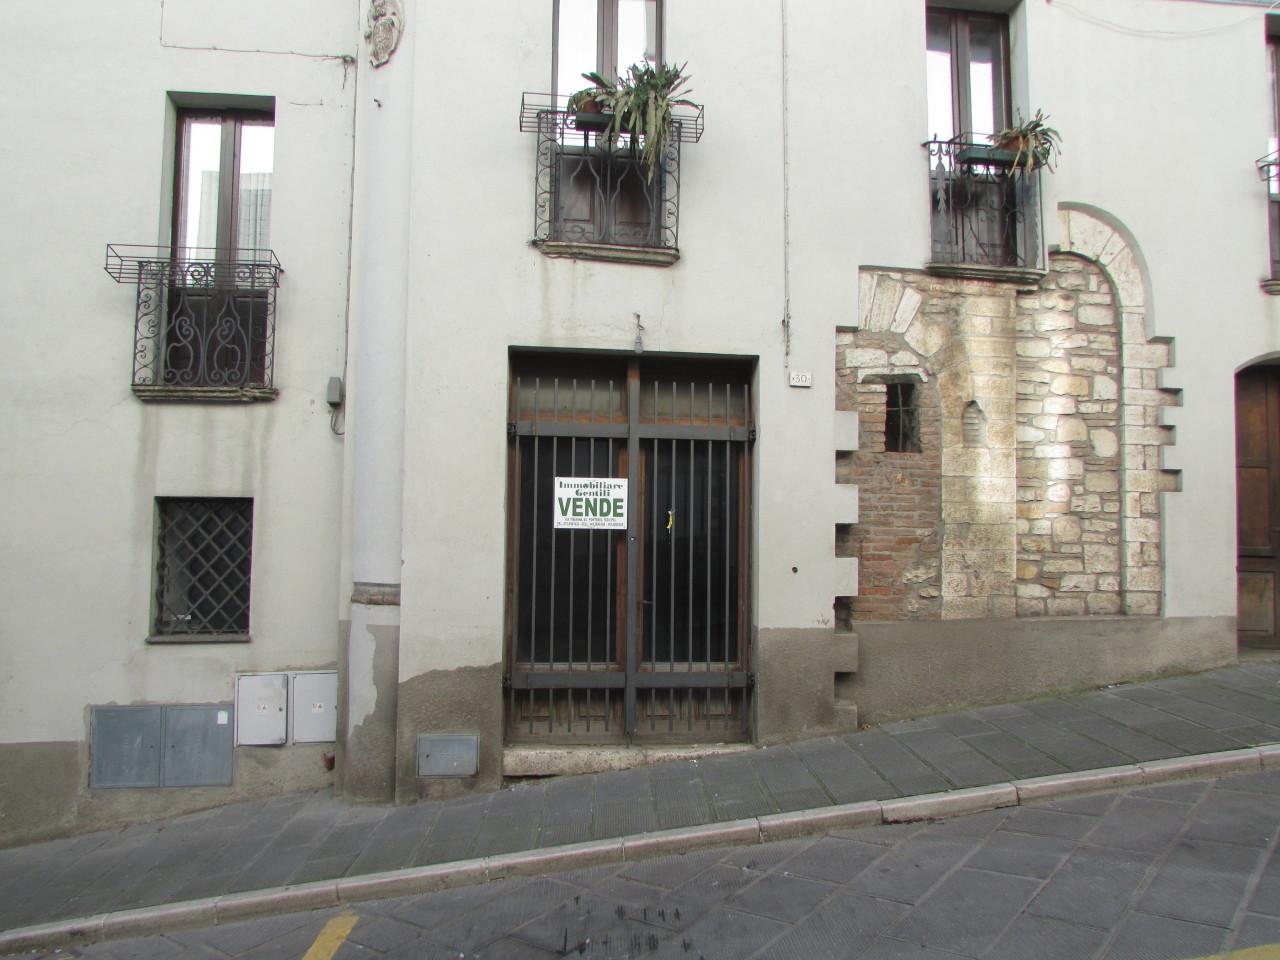 Locale commerciale - 1 Vetrina a Todi